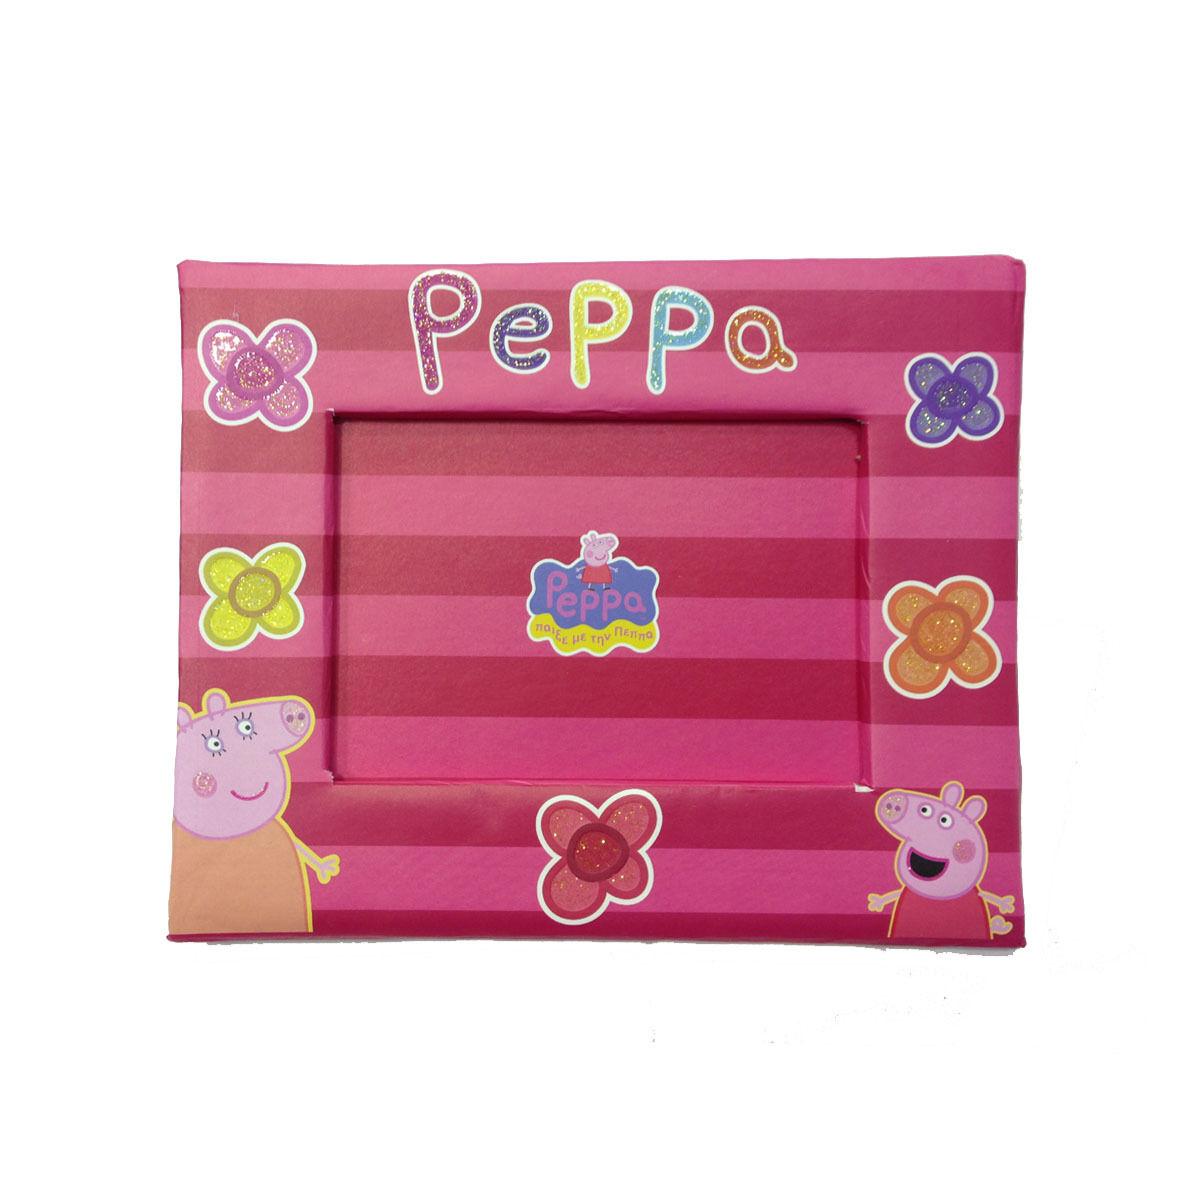 PEPPA PIG cornice fucsia e rosso con fiori glitter in cartone pressato 19x15,5cm